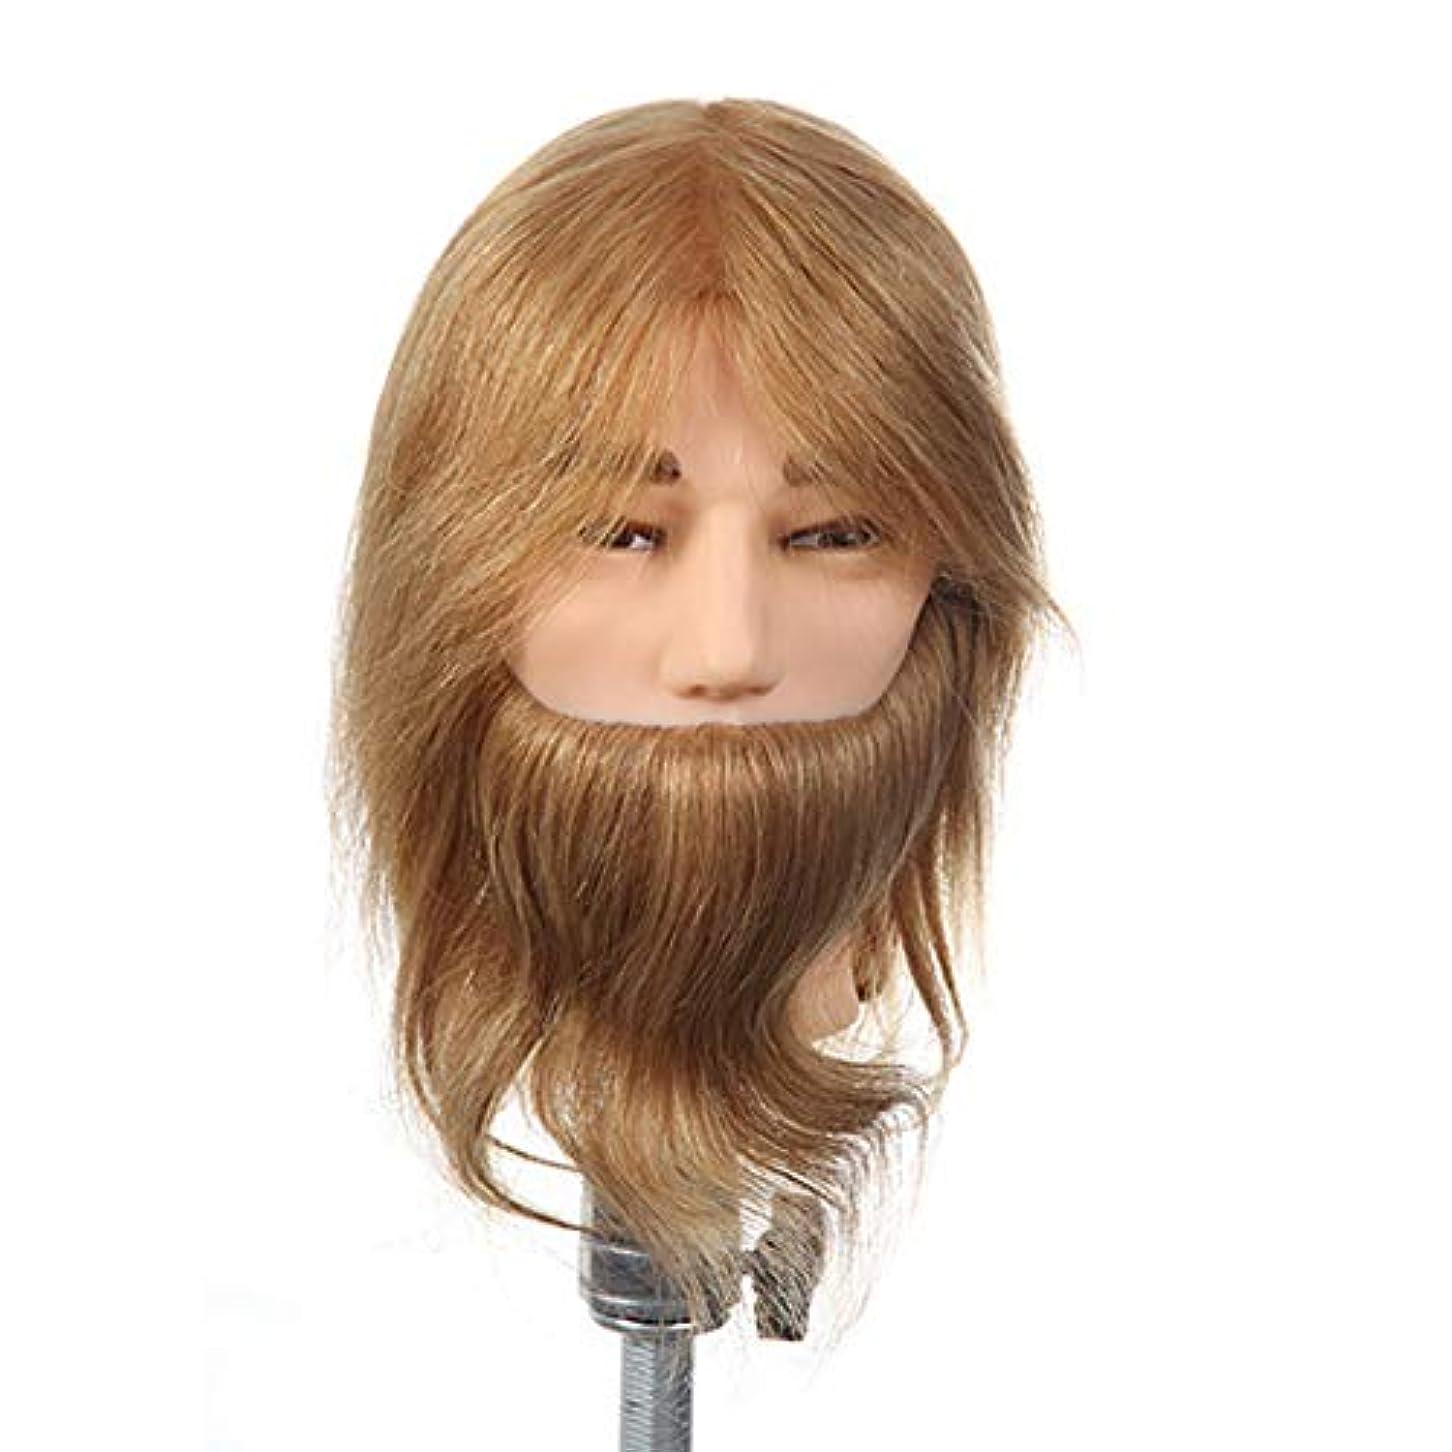 差別に靄サロン学習パーマ髪染めマネキン男スタイリングかつらティーチングヘッドリアル人間の髪ダミーヘッド付きひげロングヘアゴールド